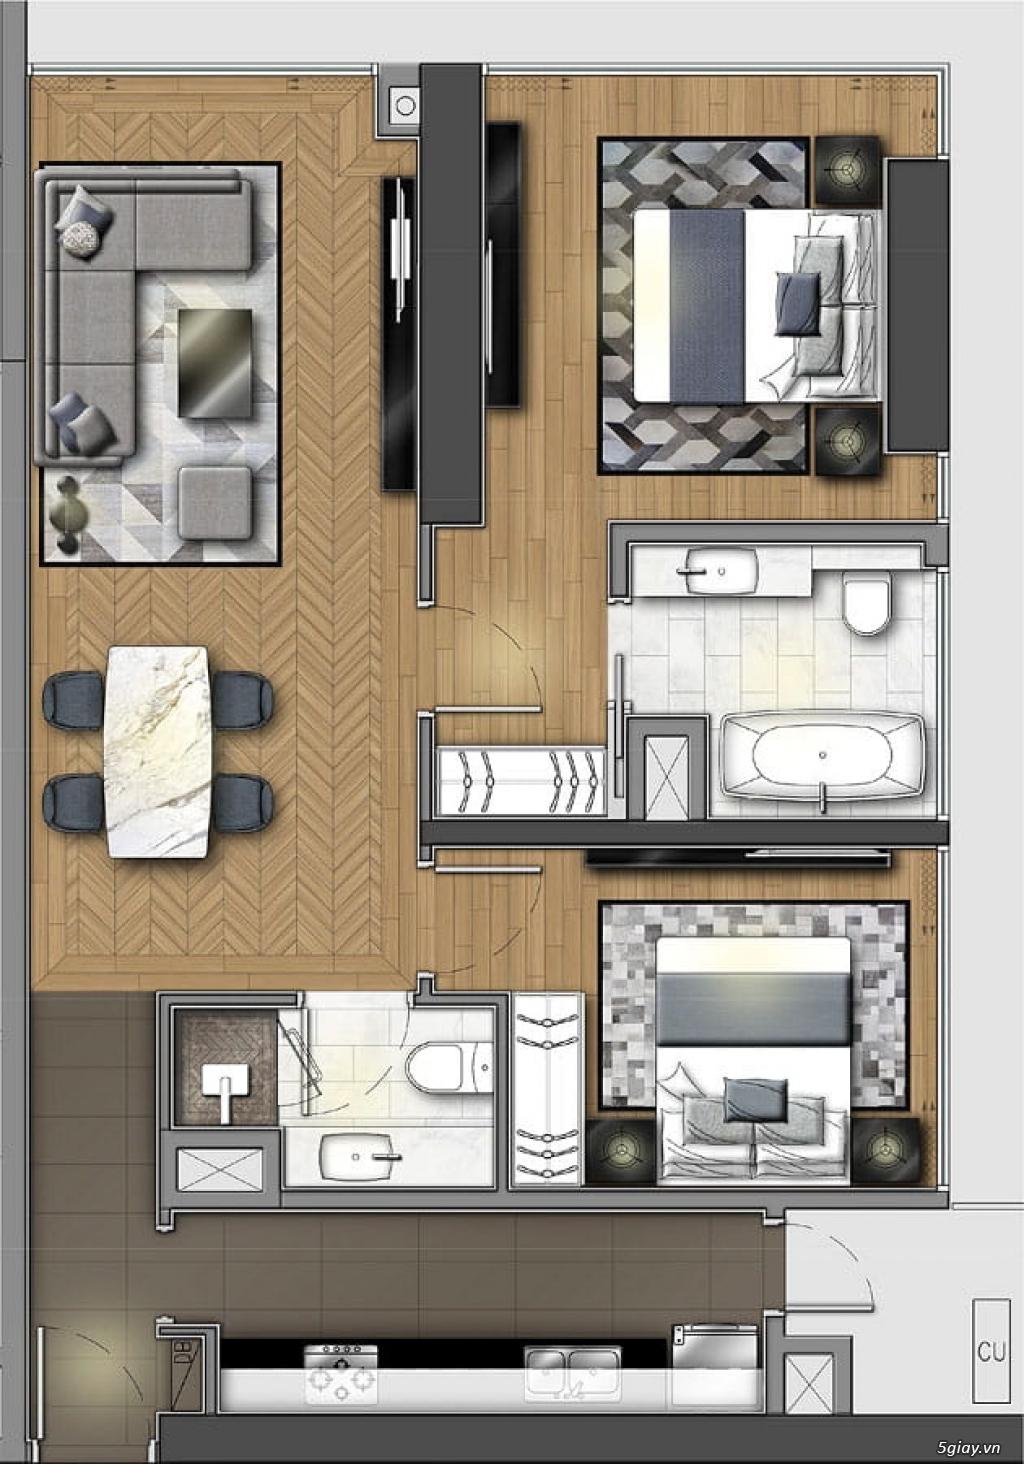 Bán căn hộ 2 phòng ngủ dự án condotel Wyndham Soleil Đà Nẵng